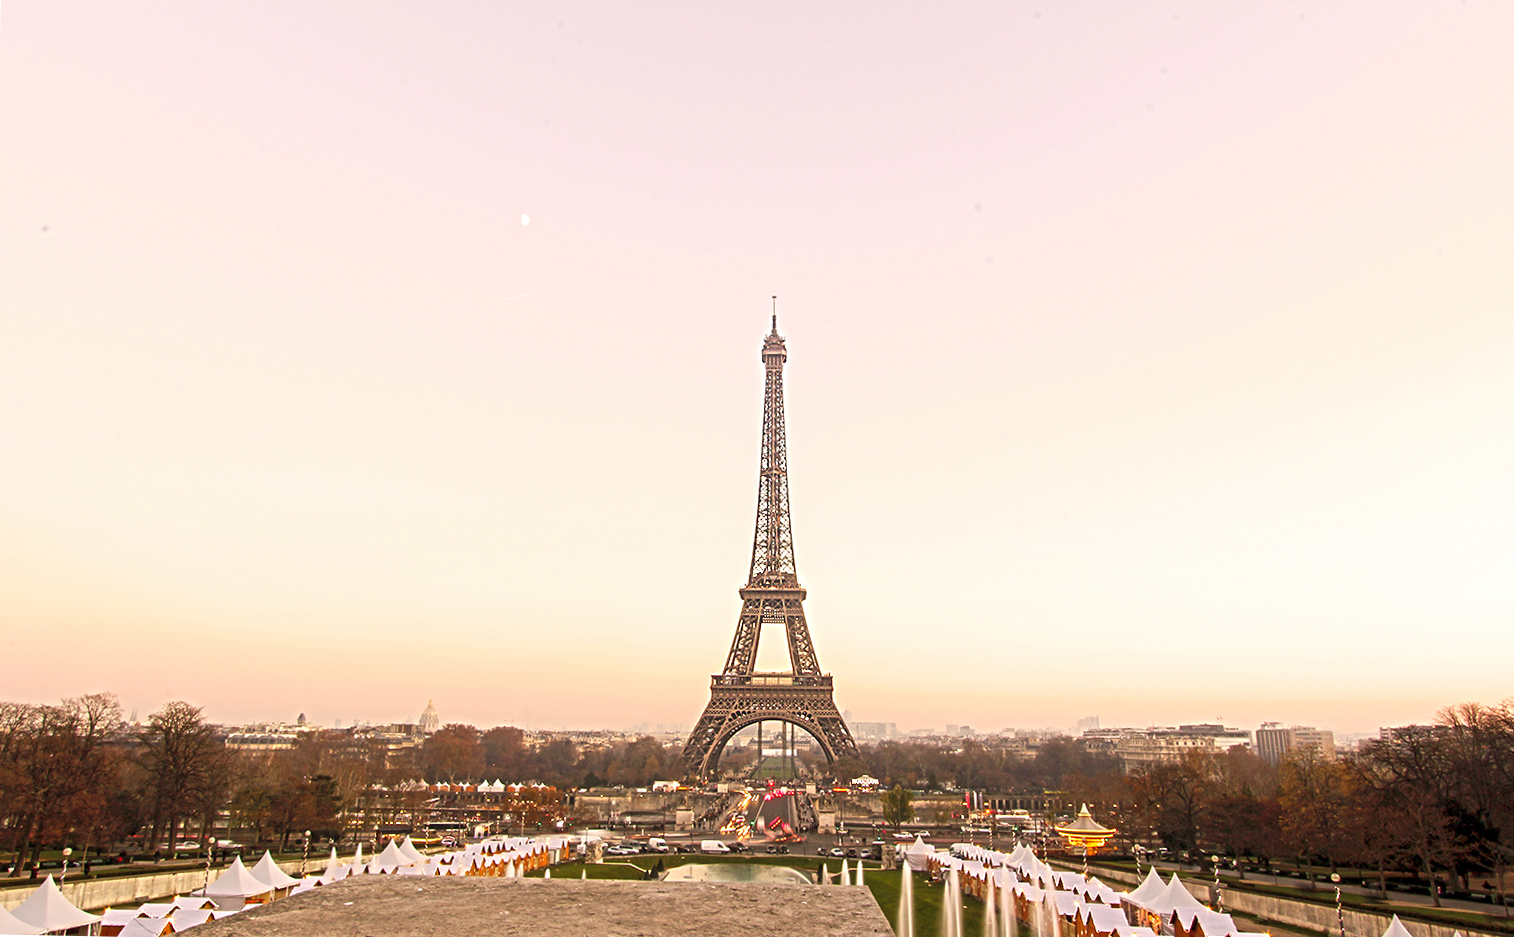 Paris Eiffeltower 1